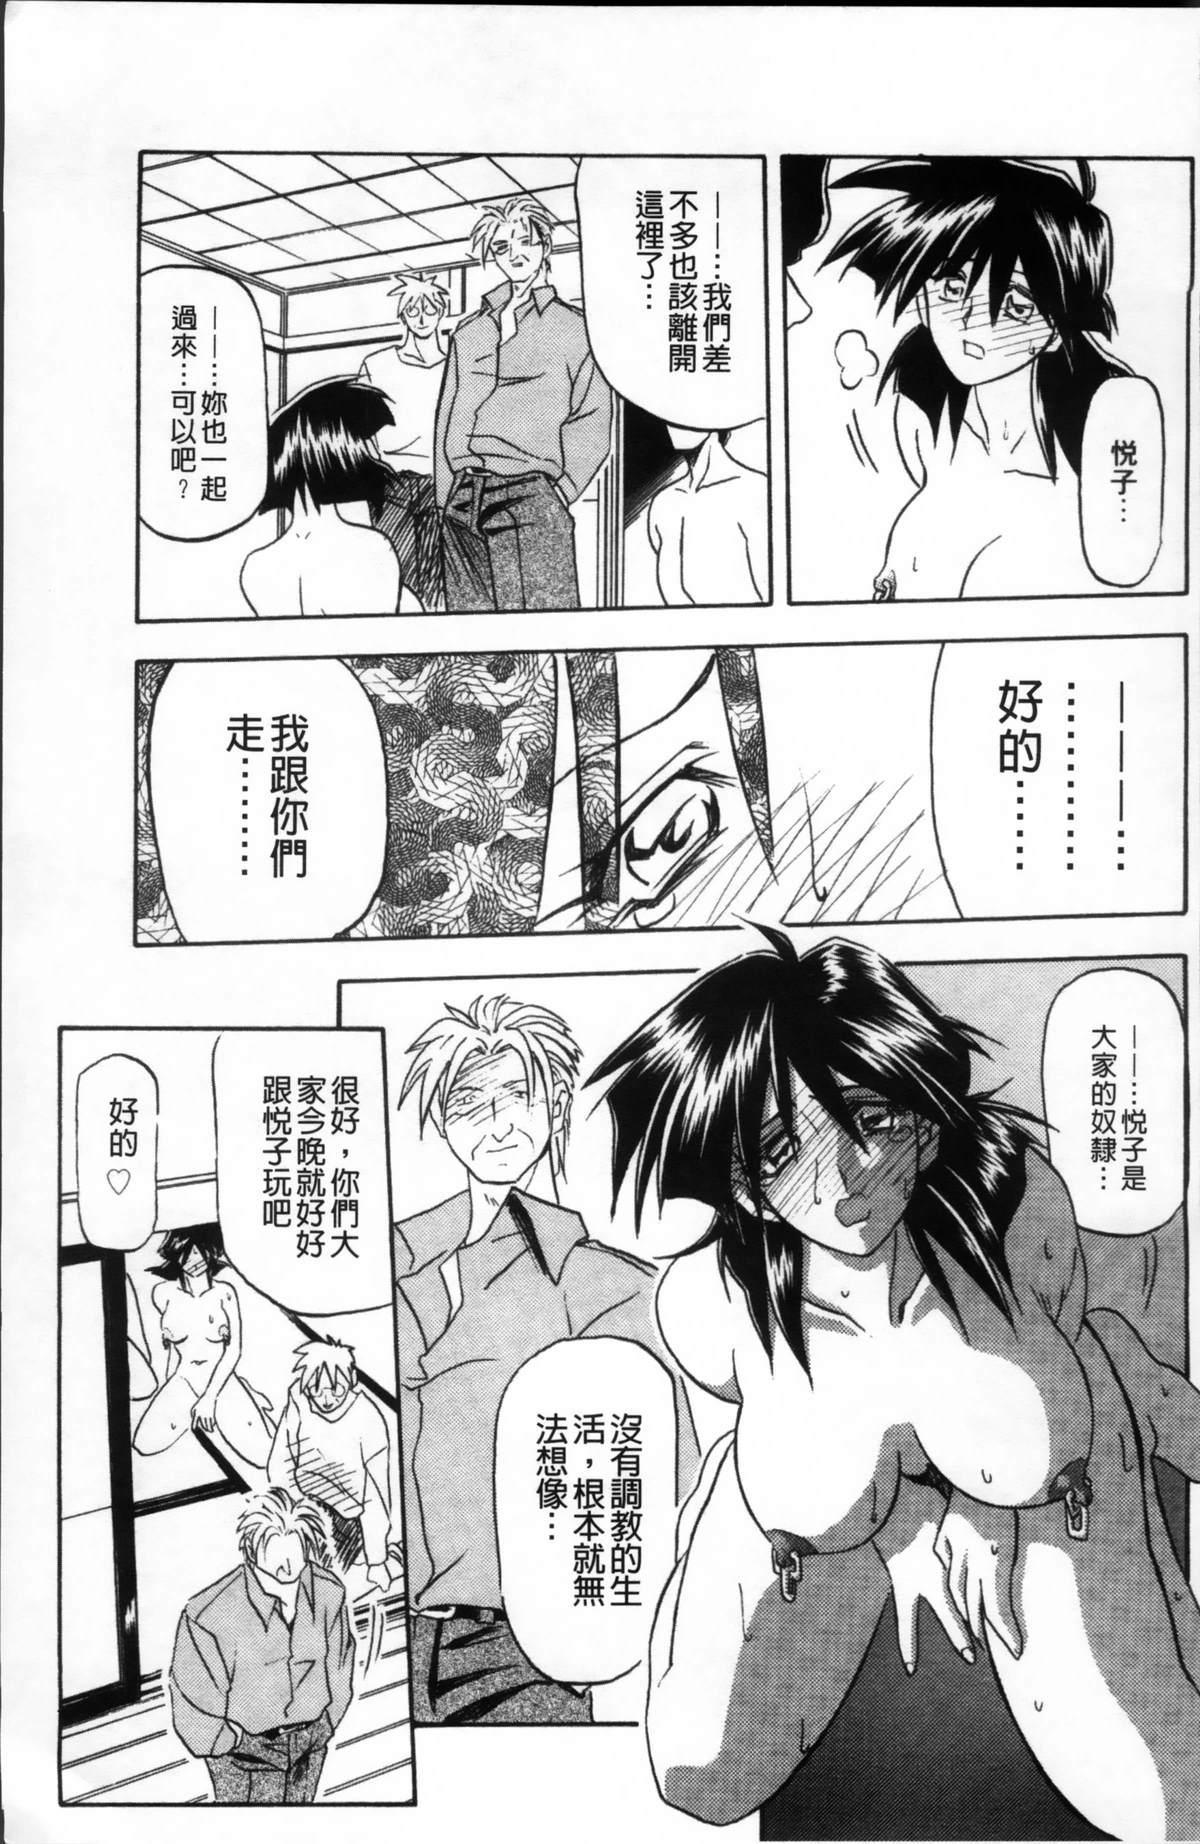 Hiiro no Koku Kanzenban   緋色之刻 完全版 244